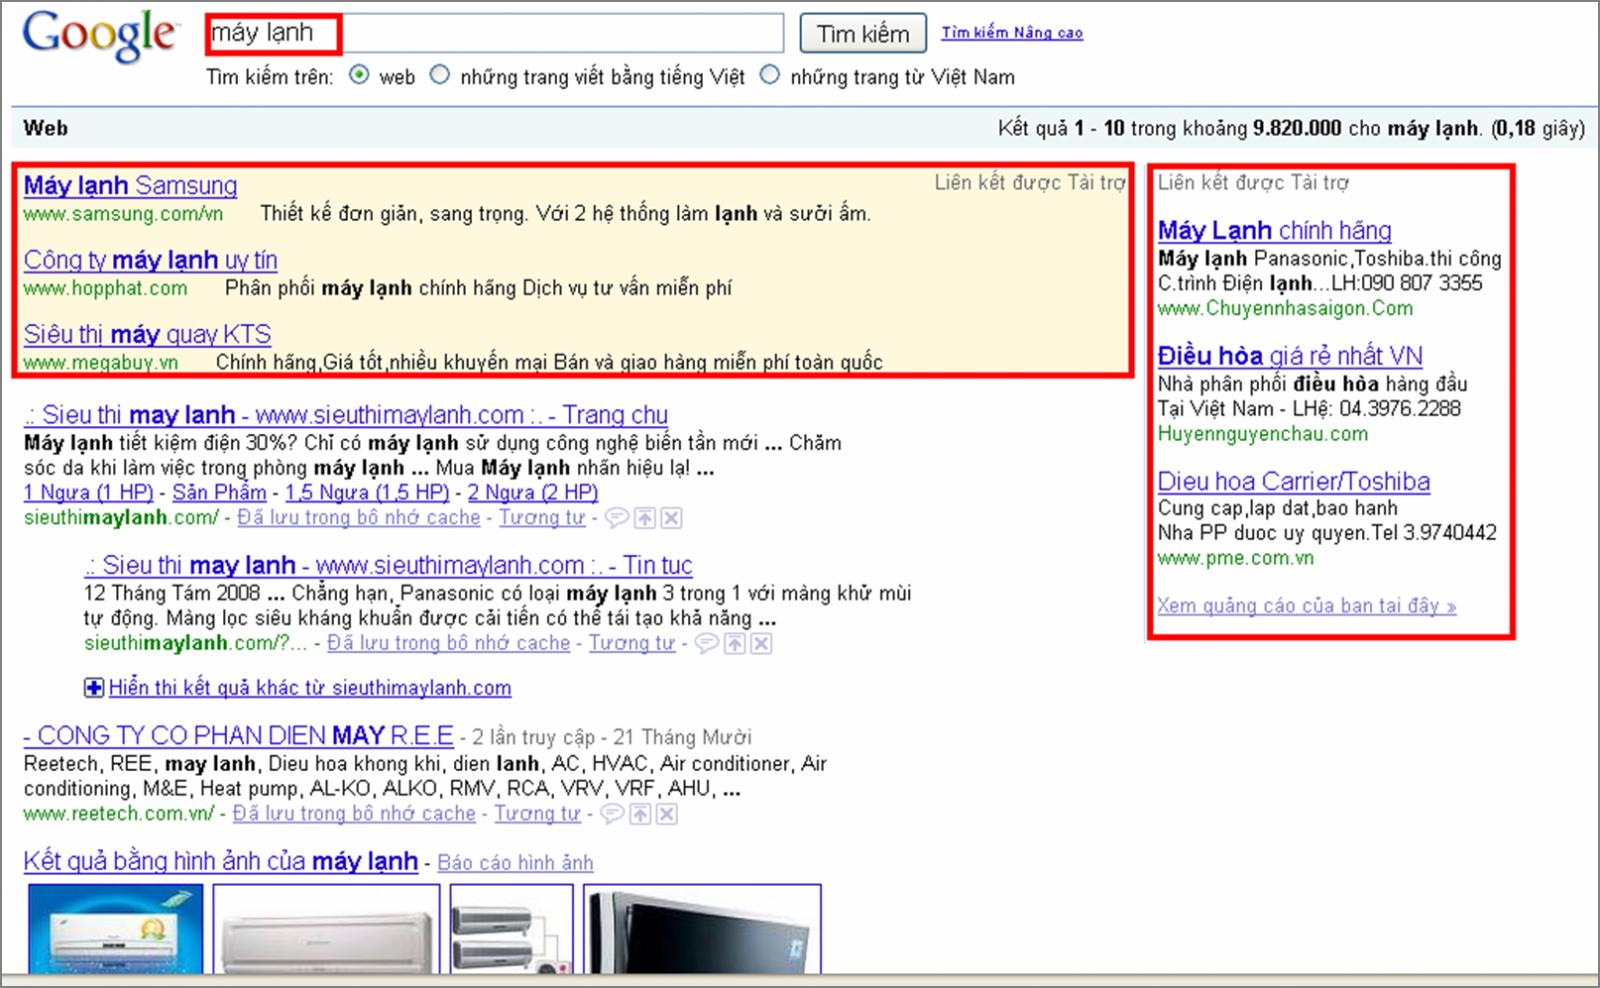 dịch vụ quảng cáo adword chất lượng với từ khóa